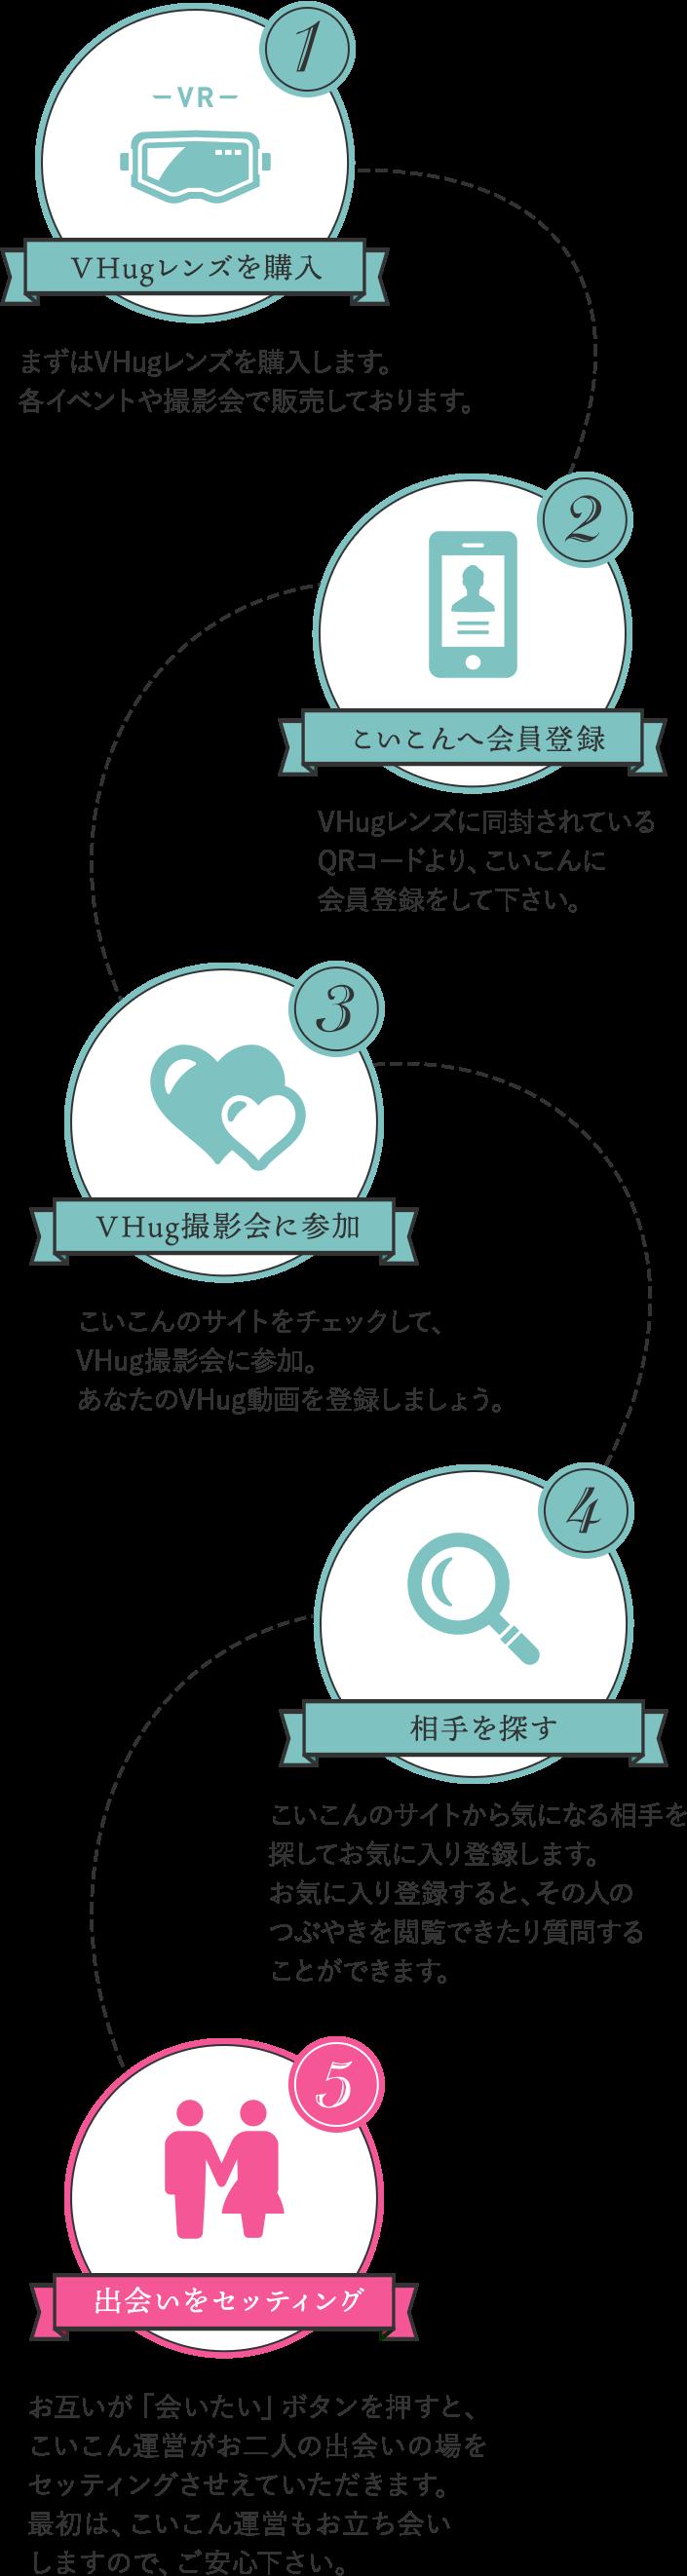 VHguの流れ